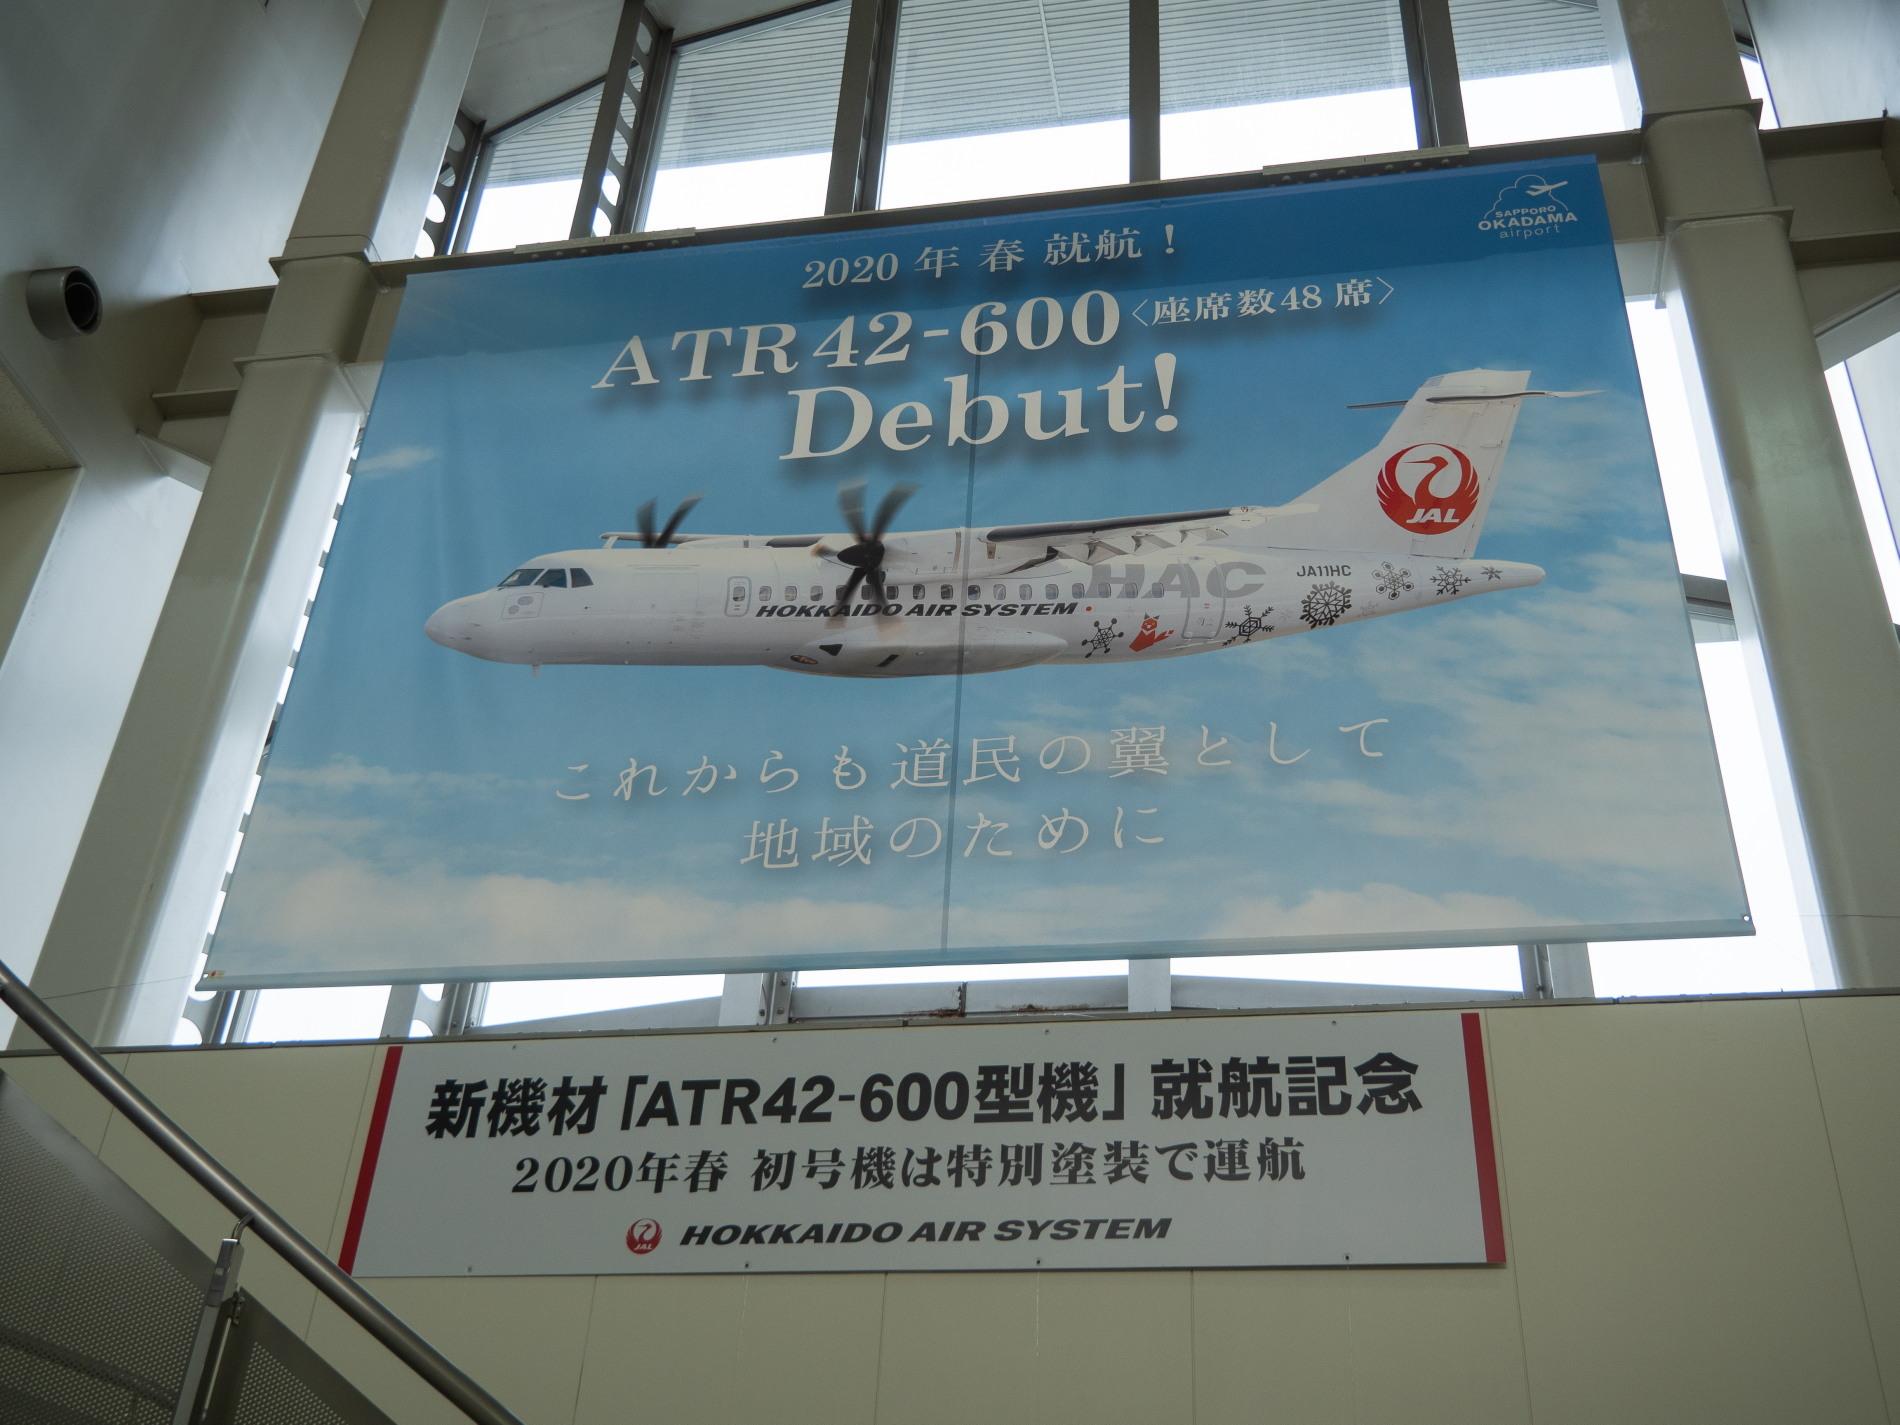 北海道エアシステムの新機材ATR42に乗って・・函館へ(1)_f0276498_13095048.jpg